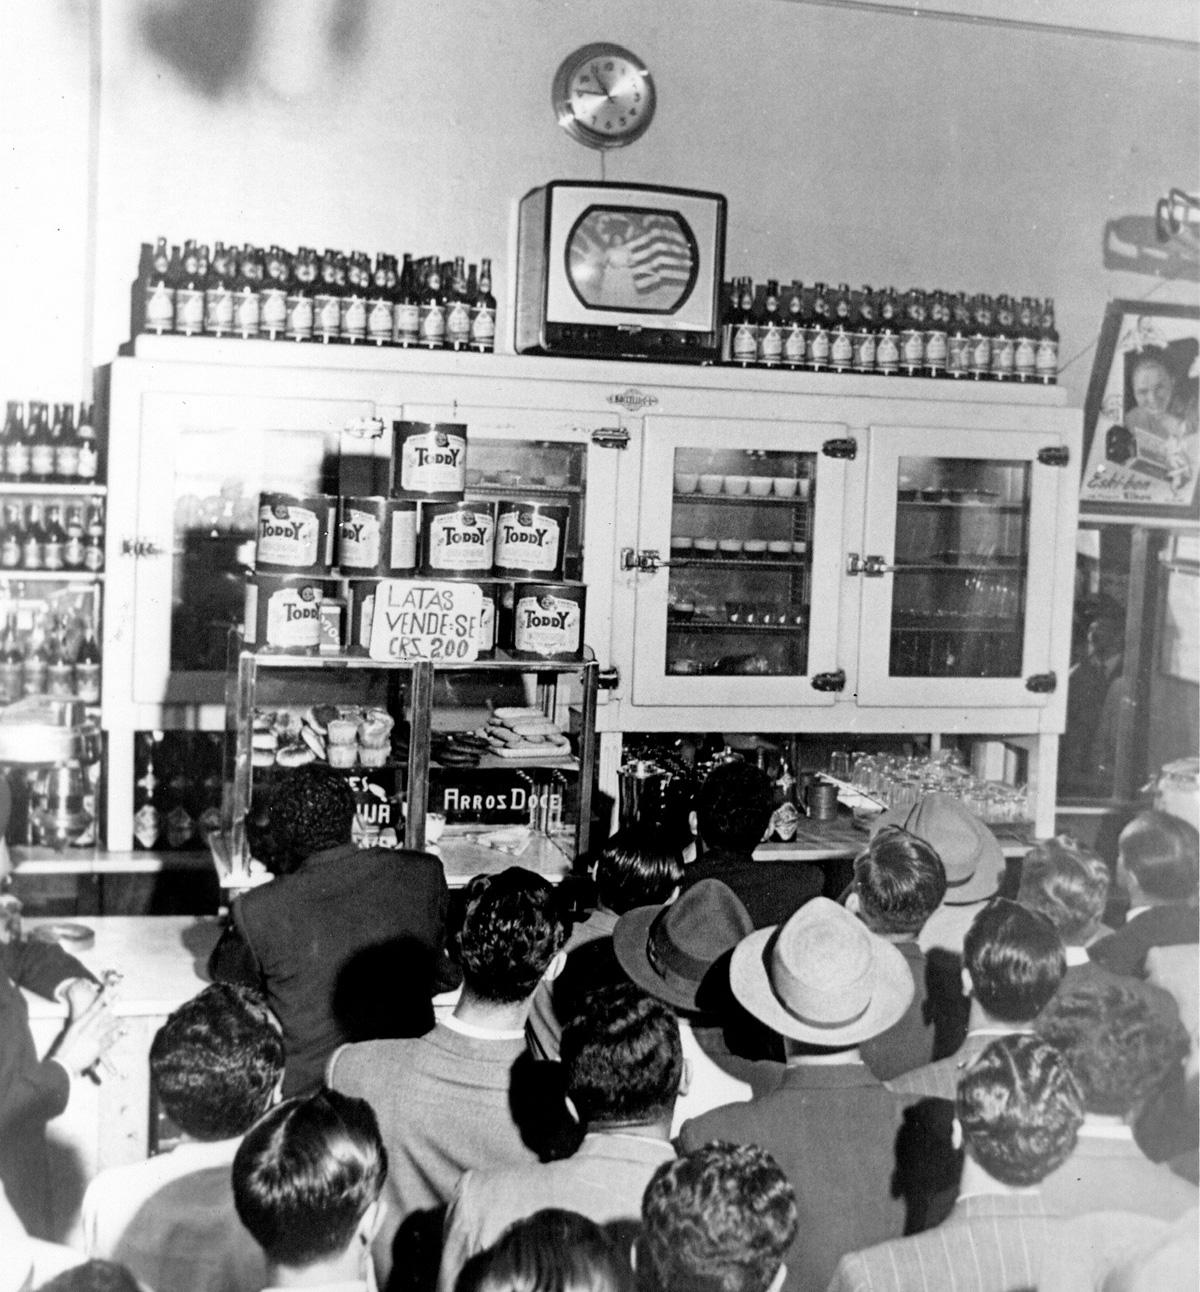 Resultado de imagem para imaGENS DO DIA 1950 TV BRASILEIRA